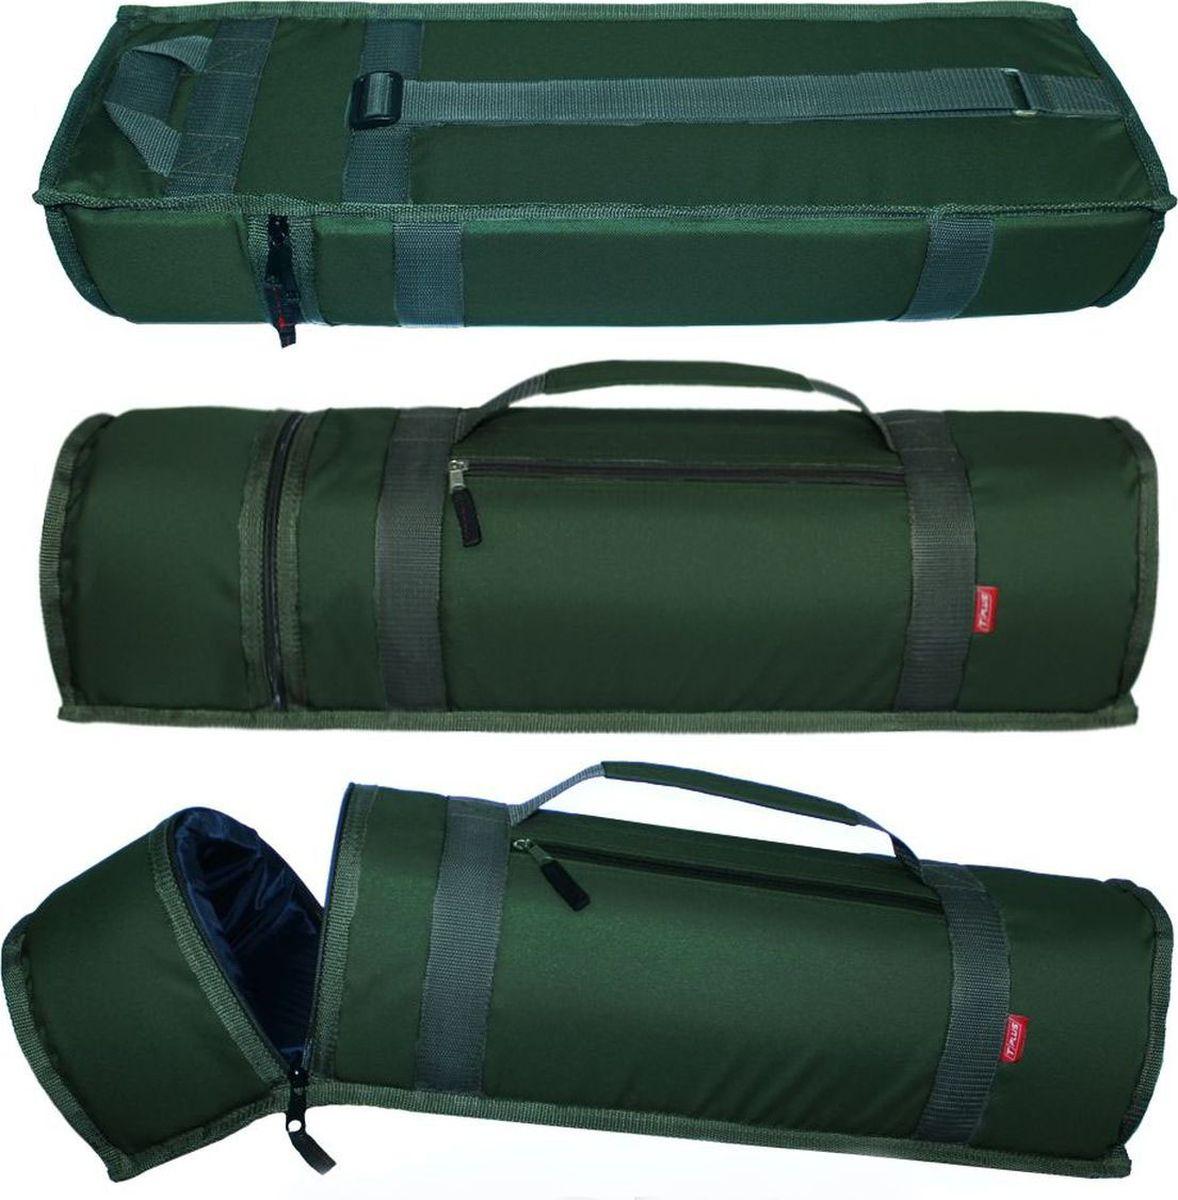 Чехол для баллона со сжатым воздухом Tplus, Cordura 900, цвет: темно-зеленый, 3 л